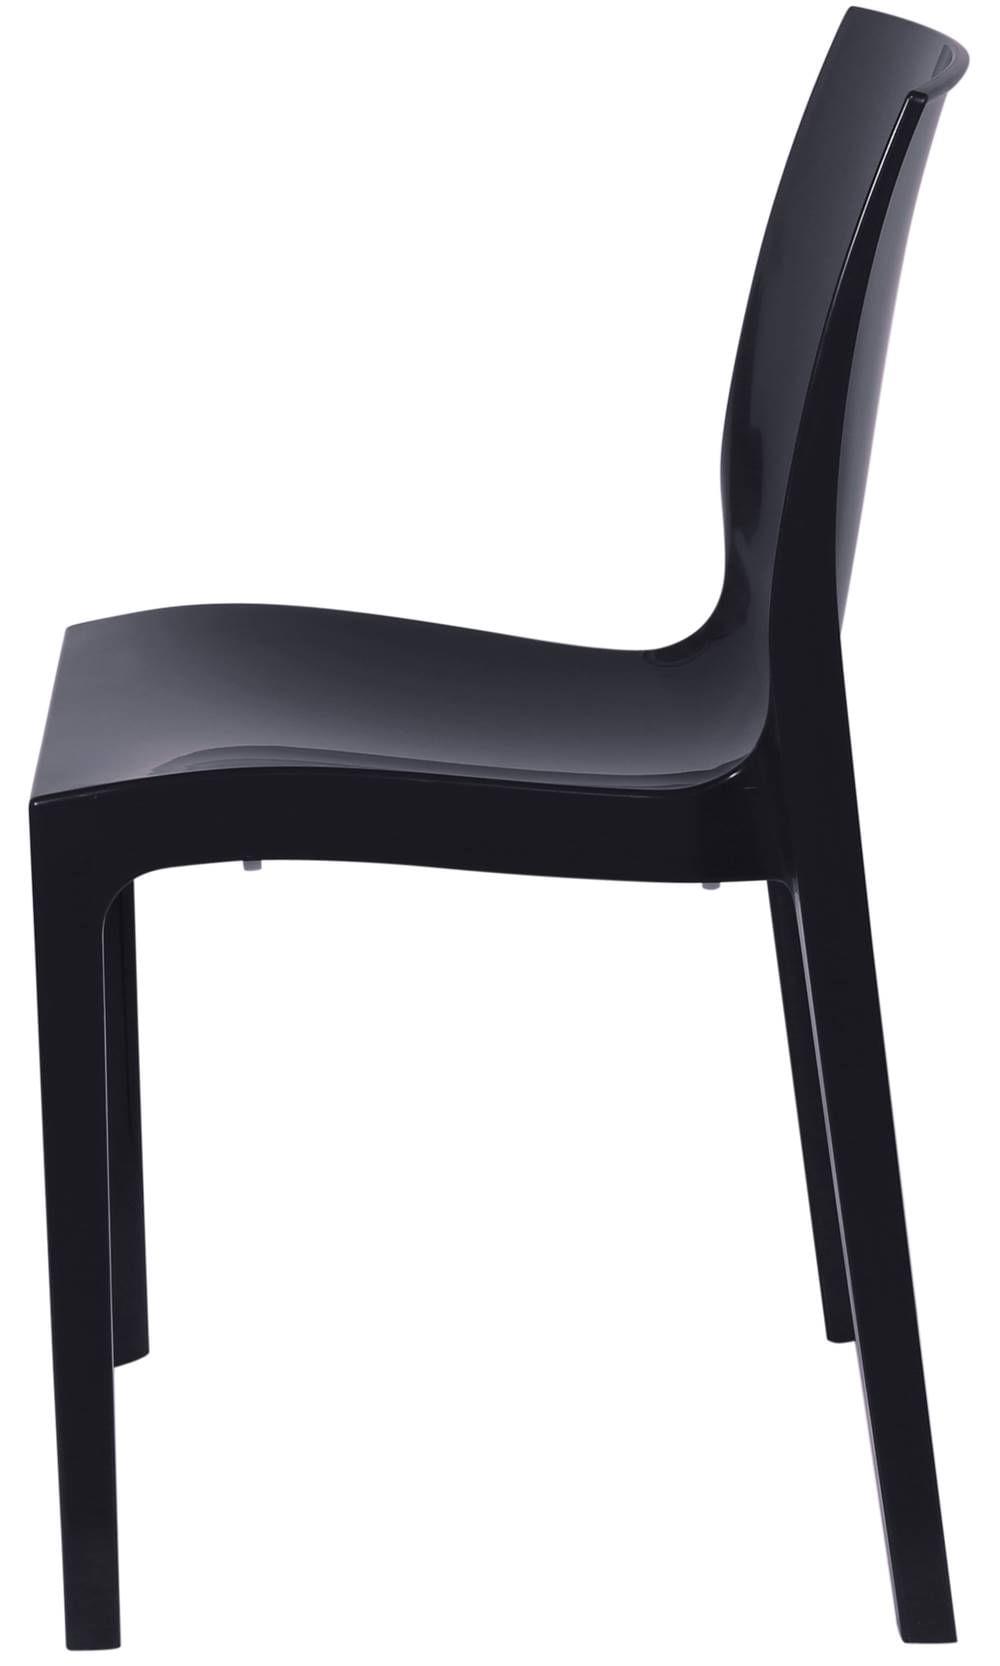 Cadeira Ice Polipropileno Preta - 16779